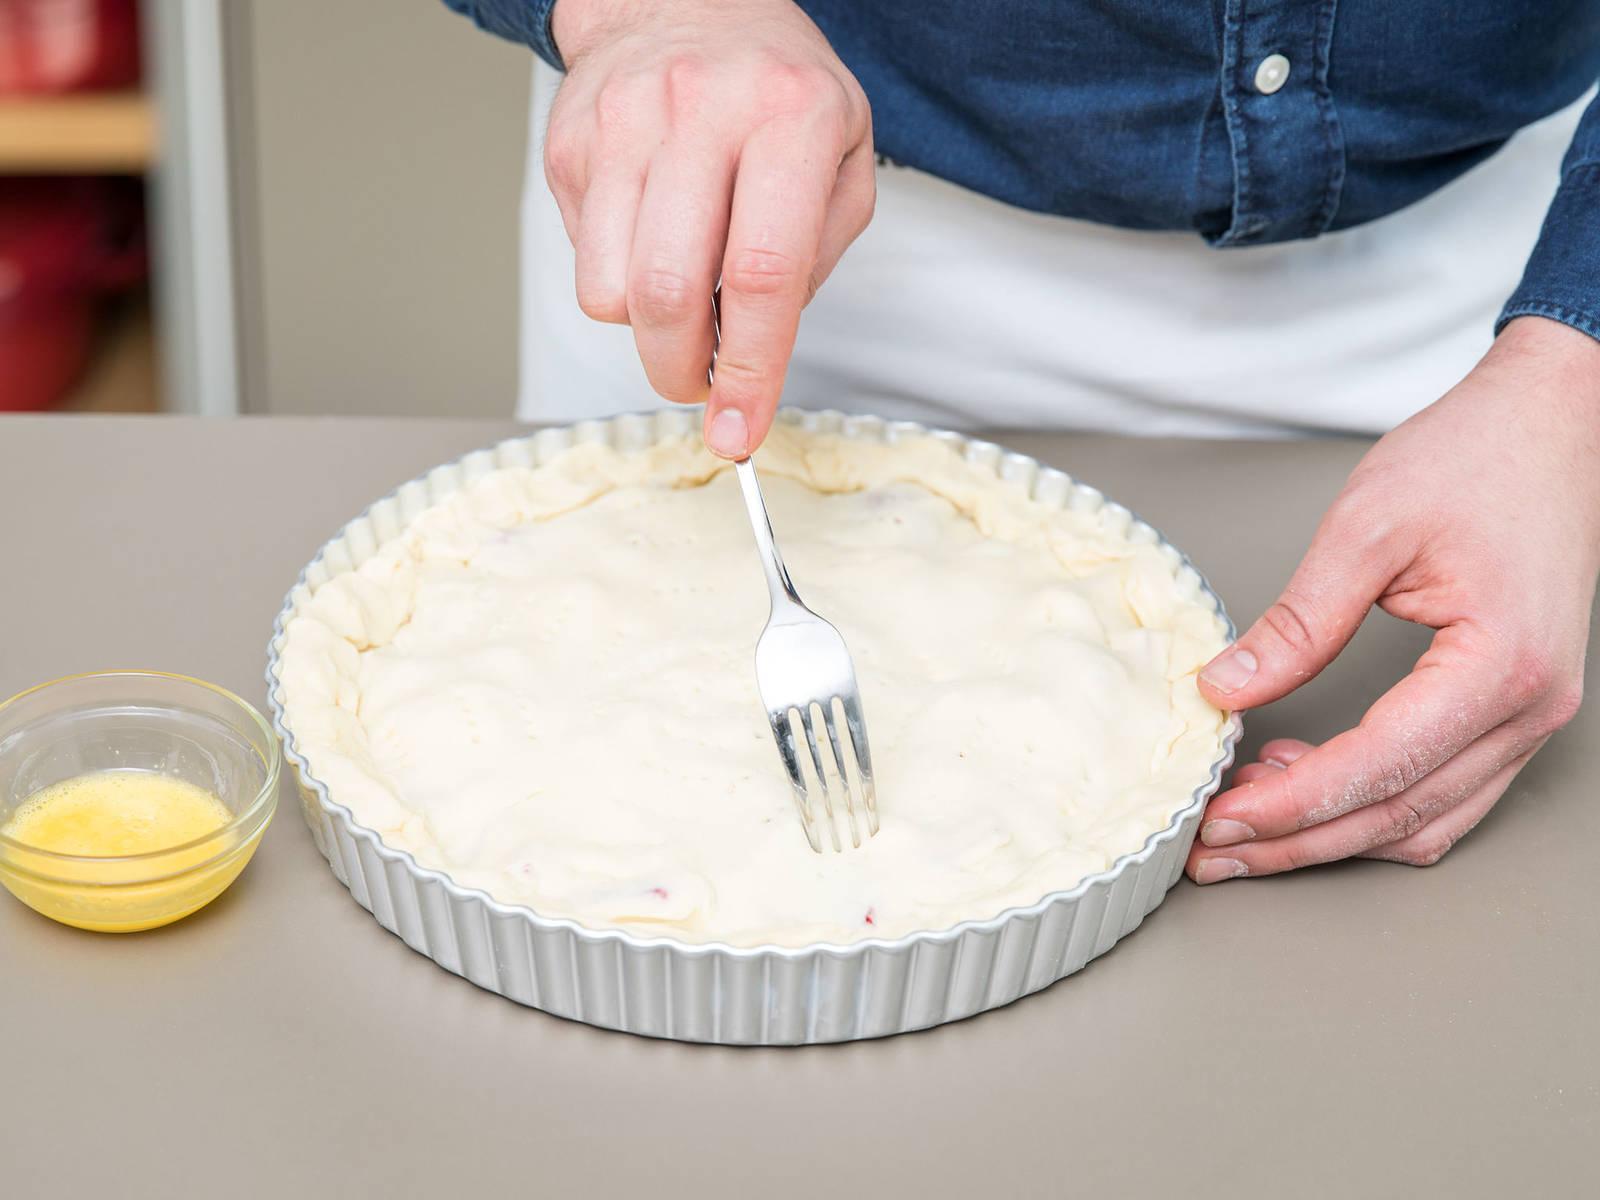 擀好另一份面皮,叠放在派上。将边缘折起来,轻压密封。用叉子在派的顶上戳些小孔。搅打蛋黄,然后刷到派上。以200℃烤40分钟,放凉后尽情享用吧!